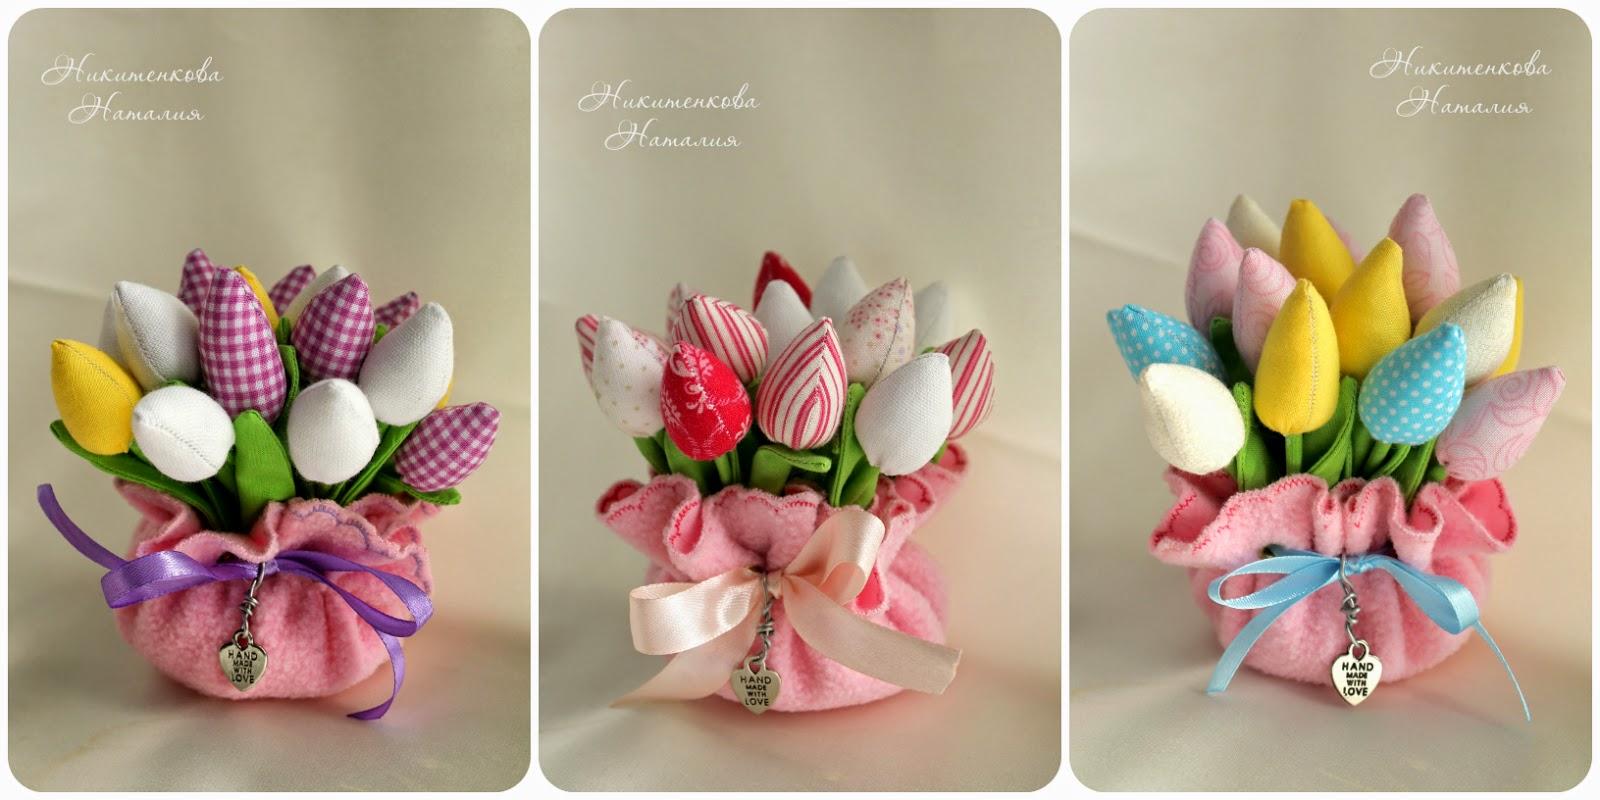 Тюльпаны, букет тюльпанов из ткани, букет цветов